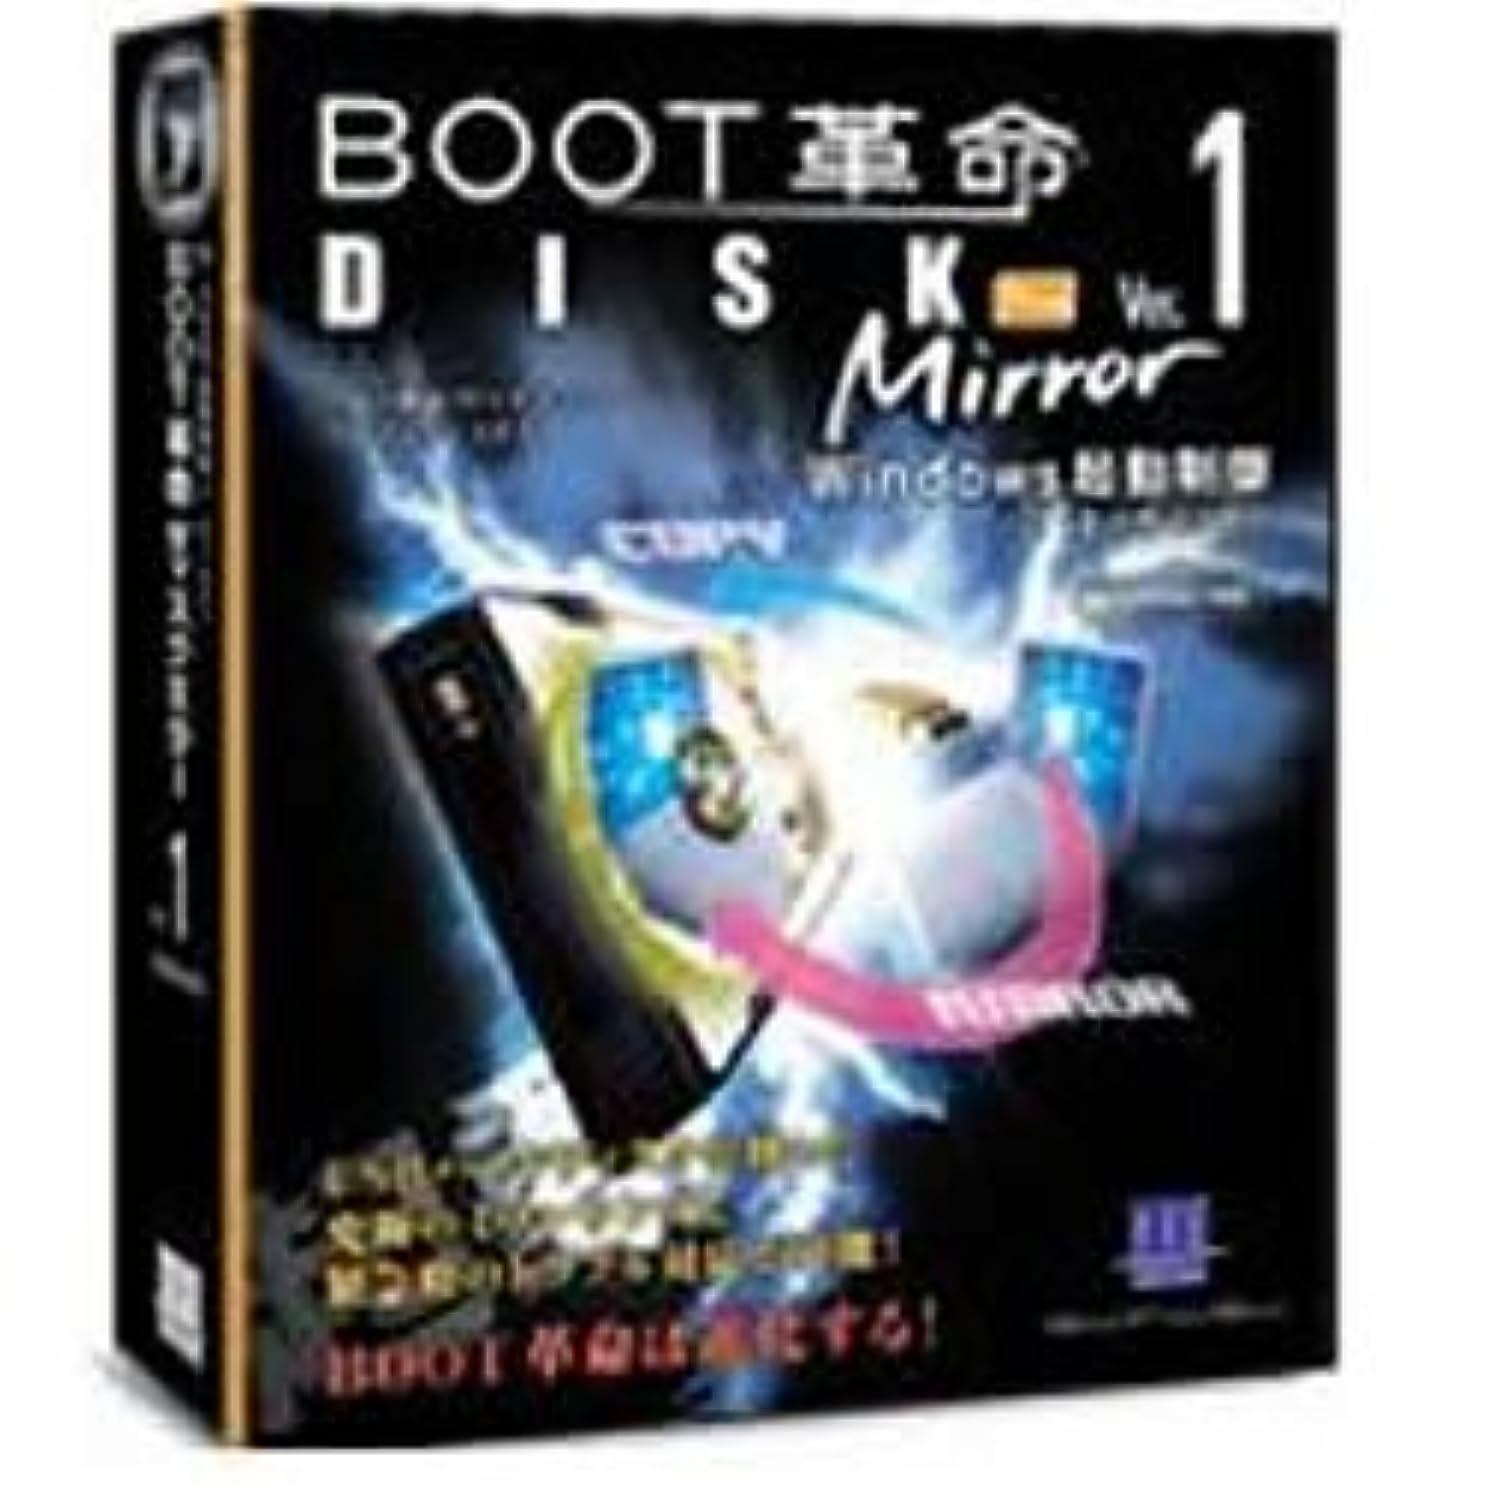 選ぶリーチシェルターBOOT革命/Disk Mirror Ver.1 Pro